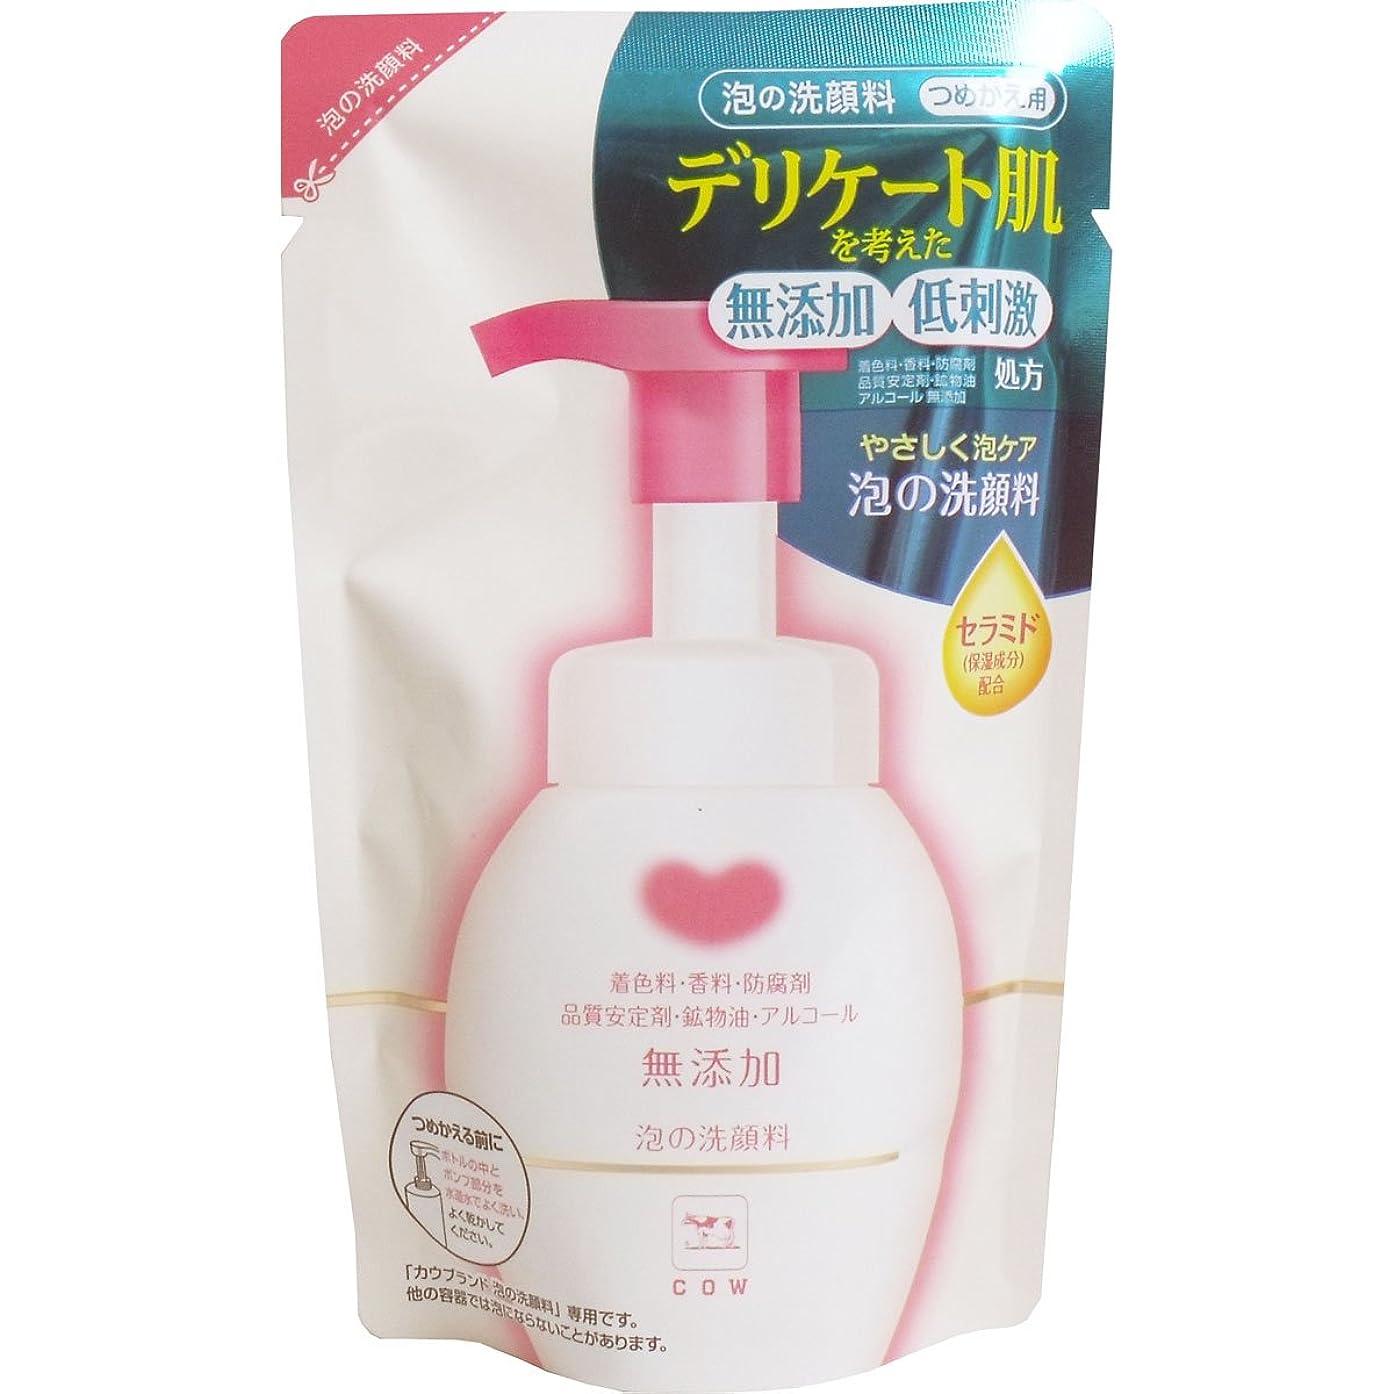 柔らかいキャプション政令カウブランド 無添加泡の洗顔料 詰替用?180ml × 5個セット